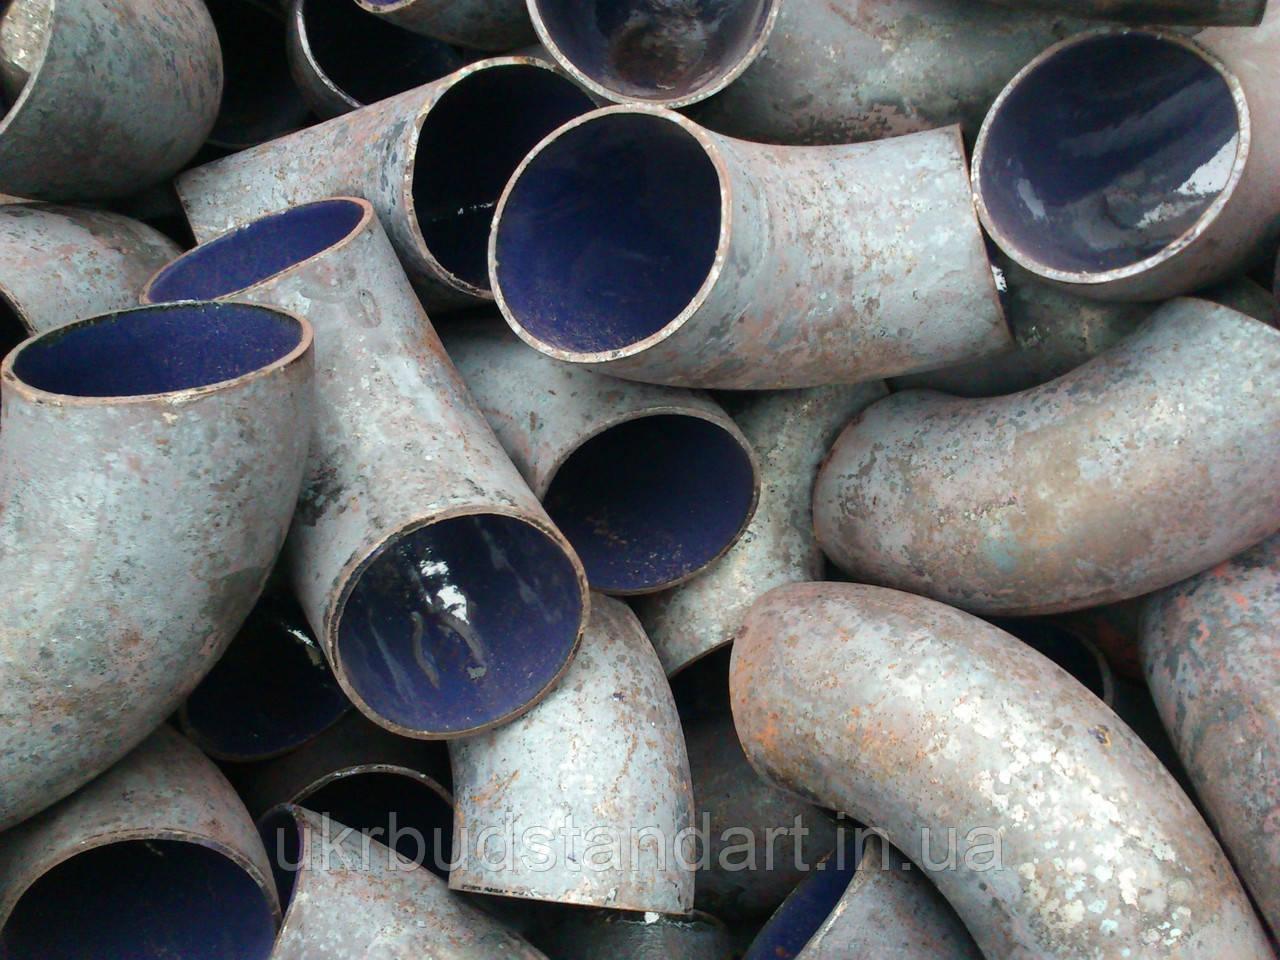 Відвід сталевий емальований ф 27 (Ду 20)